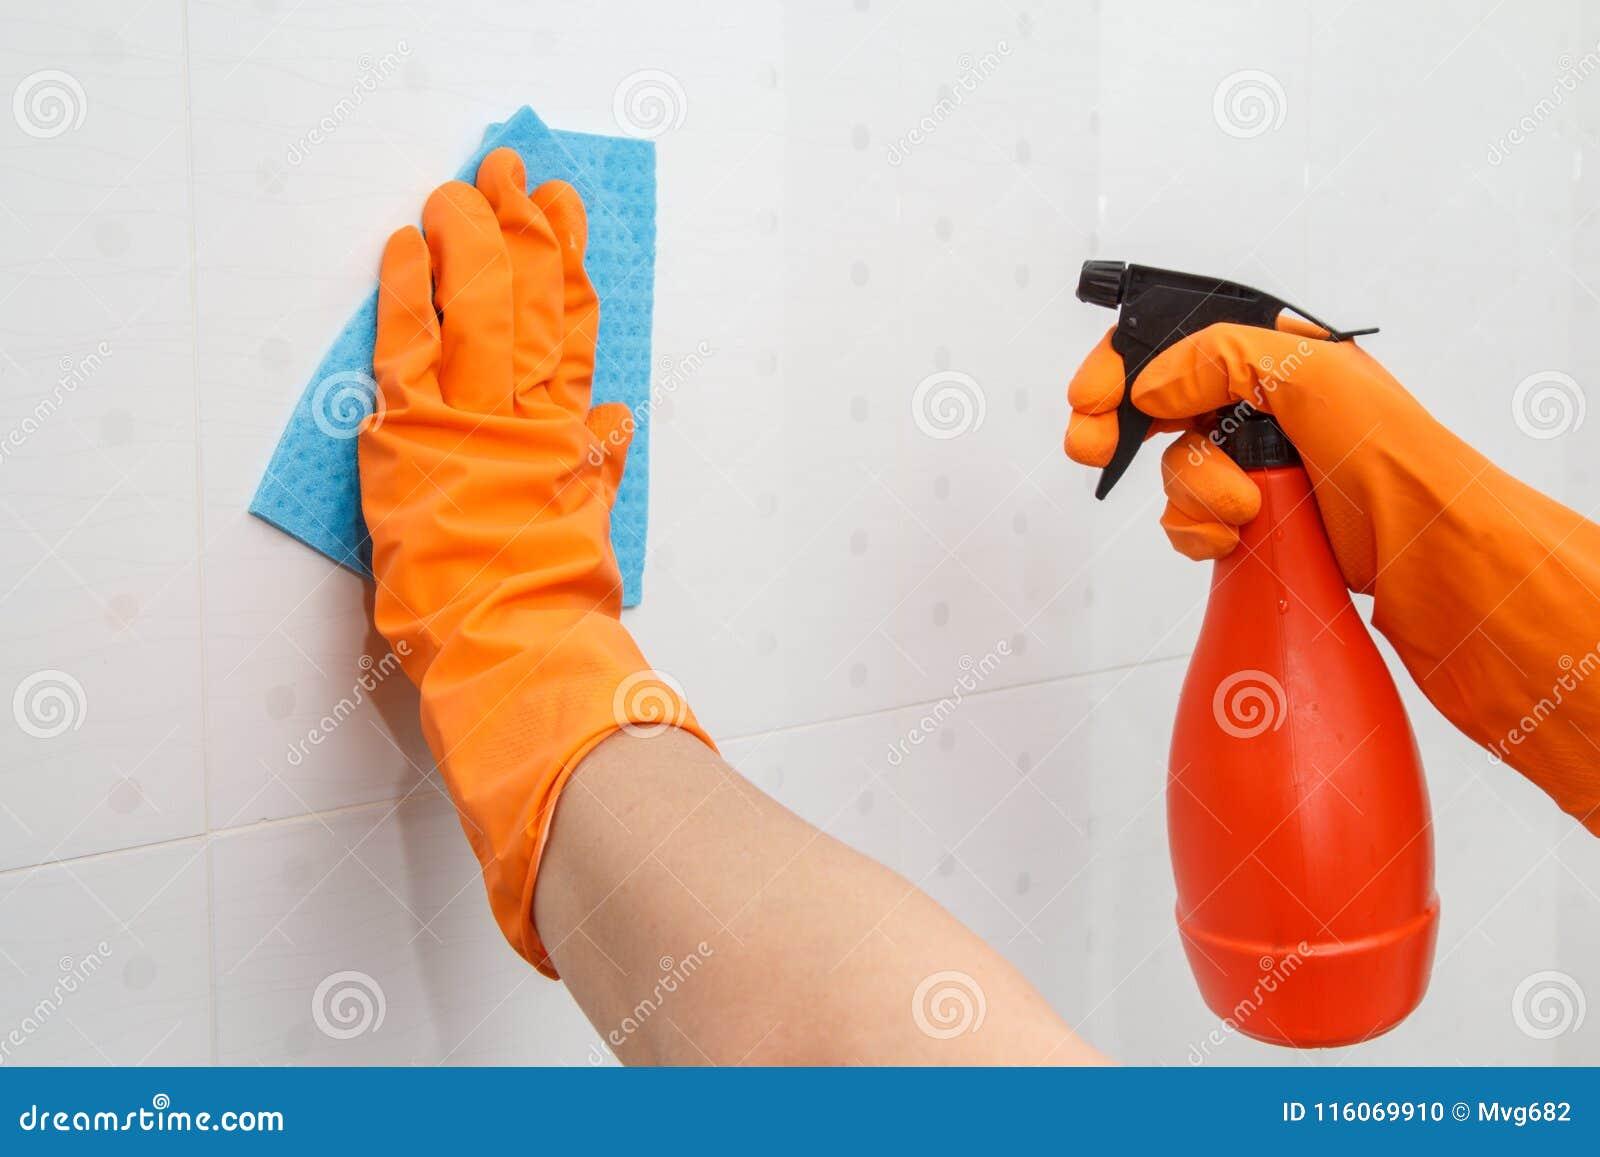 Kobiet ręki w pomarańczowej gumowej rękawiczka chwytów butelce detergent a